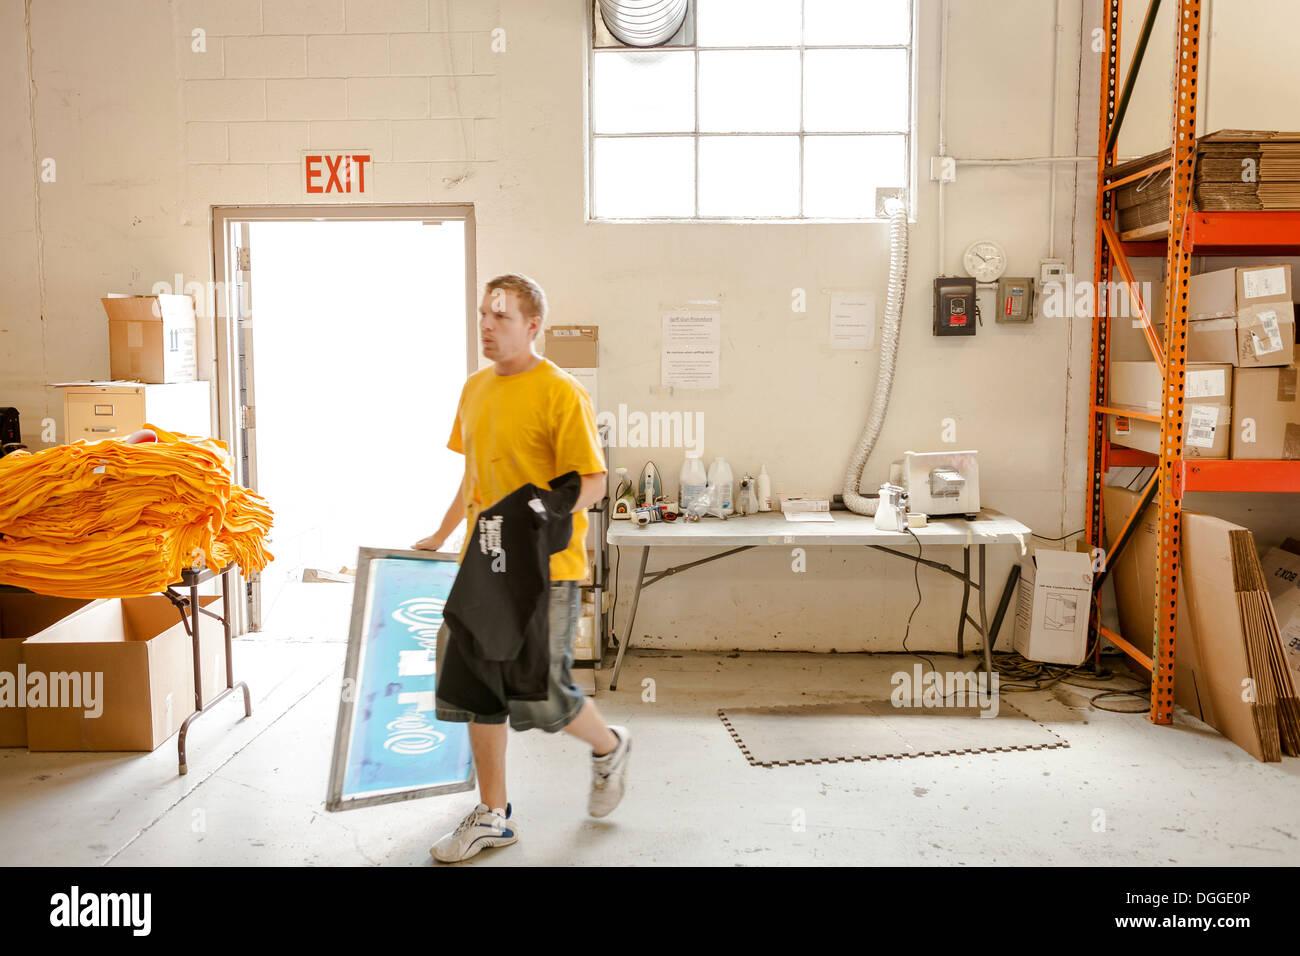 Arbeiter mit Rahmen und T-shirt im Bildschirm Werkstatt Stockbild